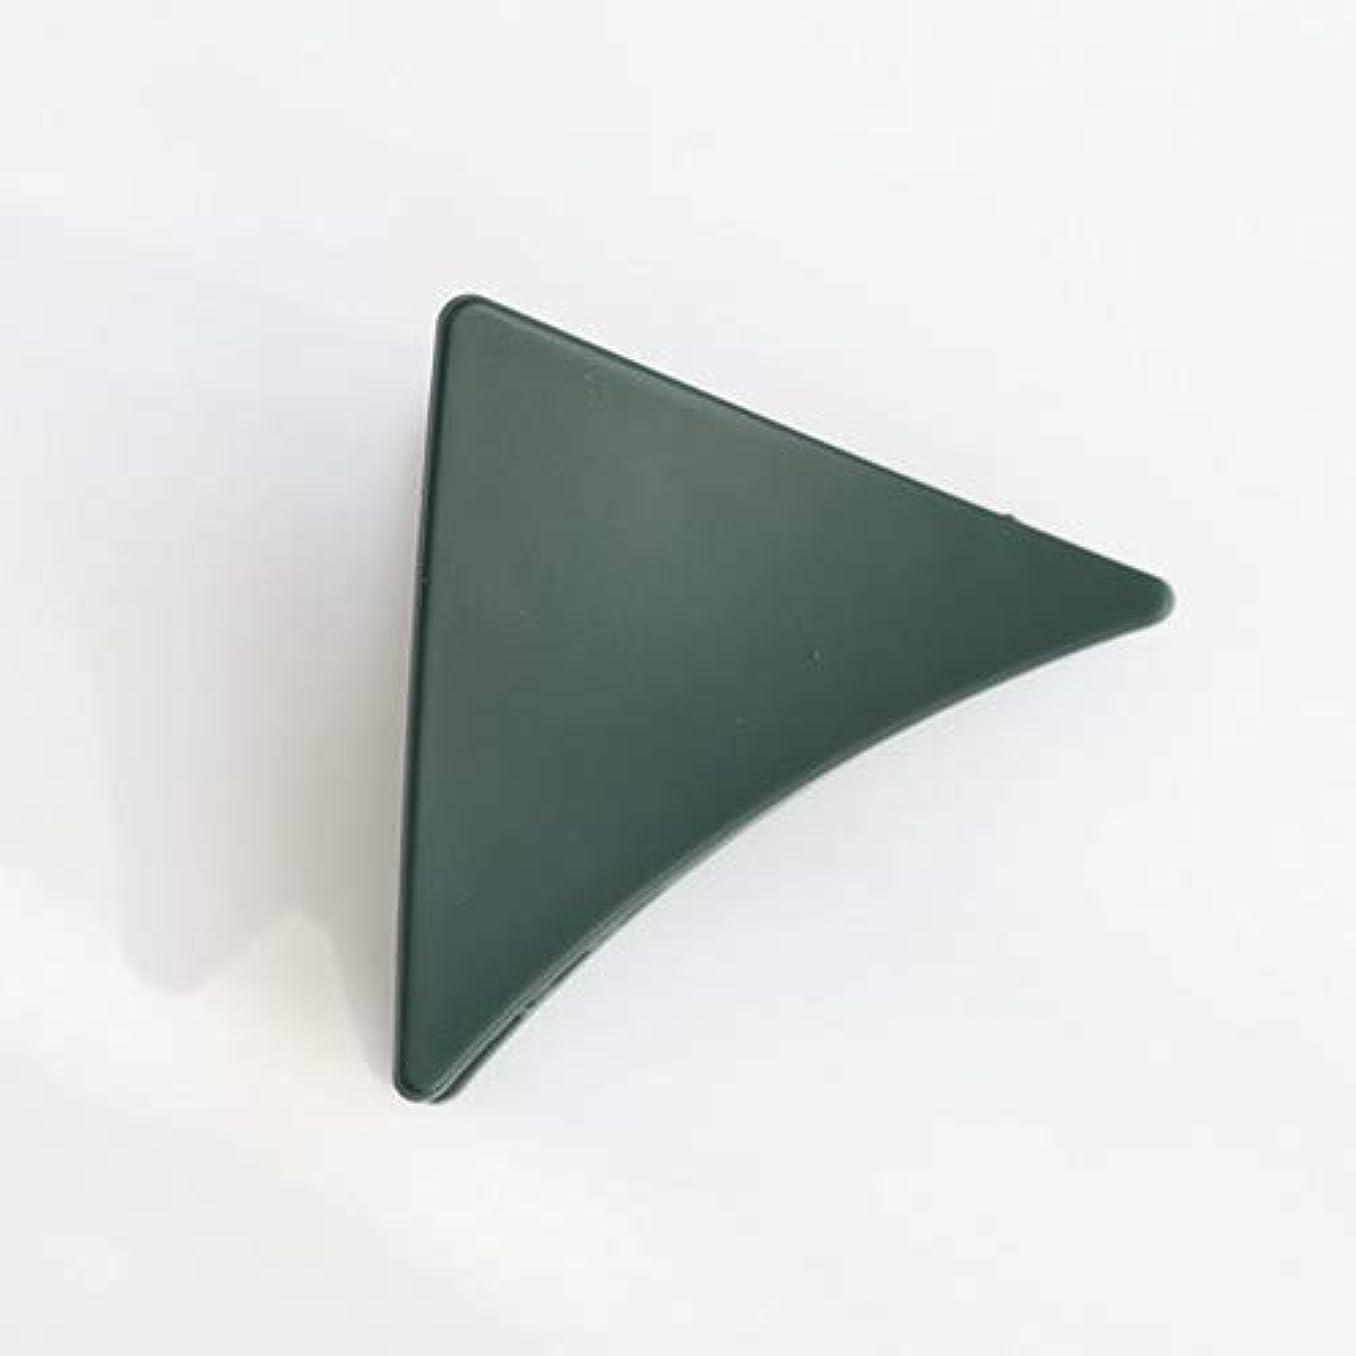 事実上空中パントリーLUOSAI Diyマジックヘア女性女の子ヘアピンヘアクリップディナーパーティーヘアスタイリングツールアクセサリー(グリーン)ヘアピン1ピース